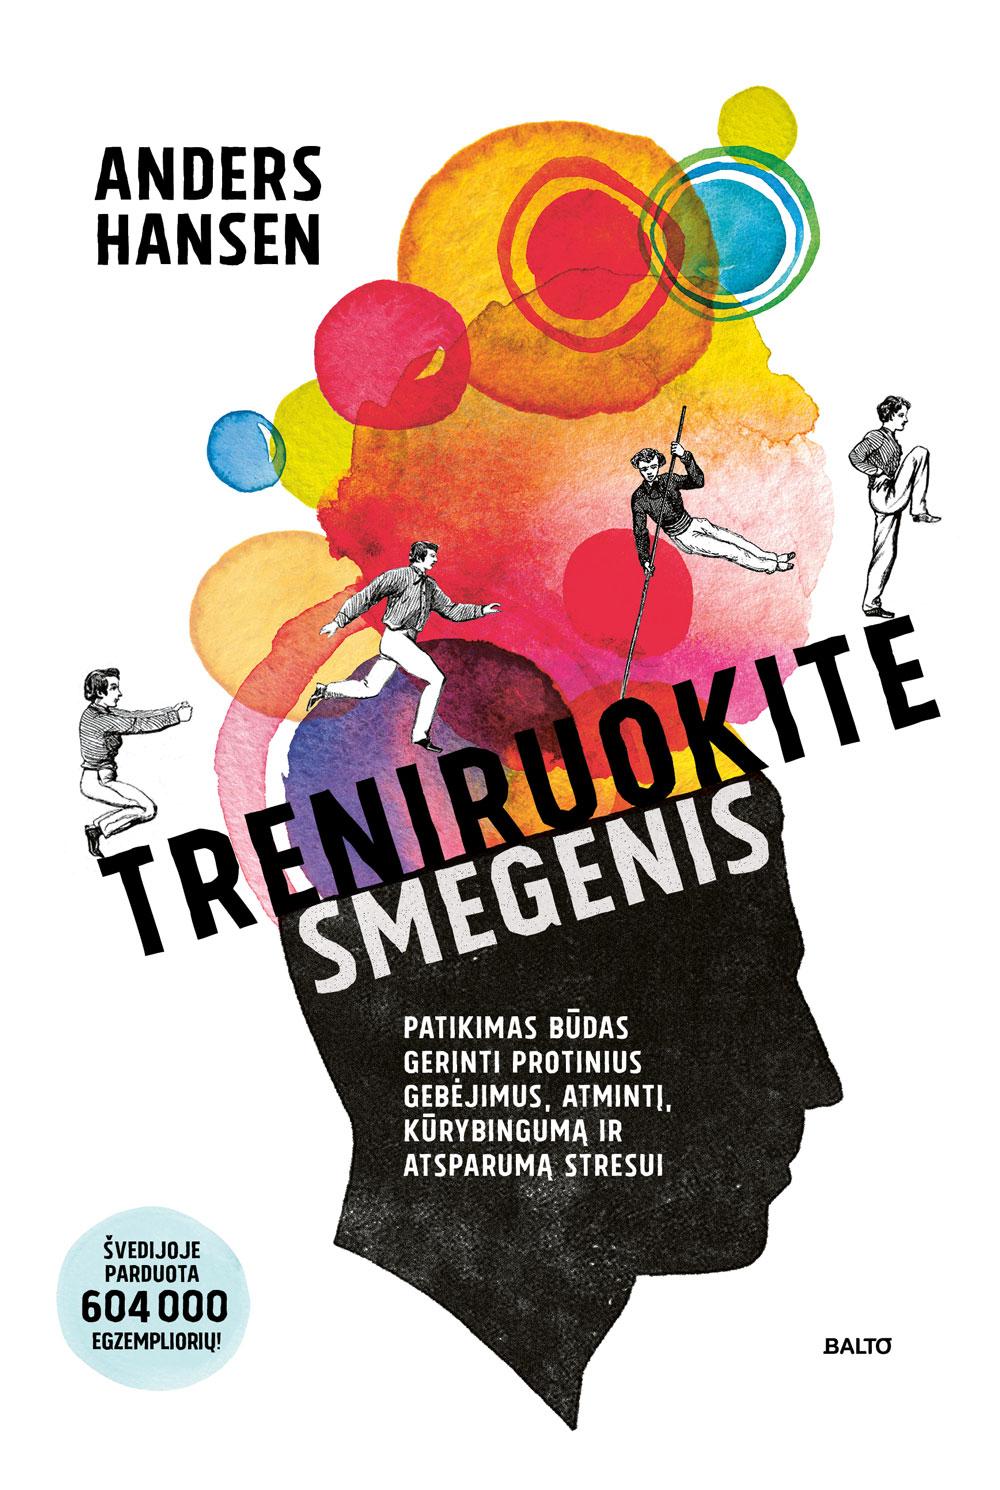 Balto leidybos namai - Treniruokite smegenis - Anders Hansen